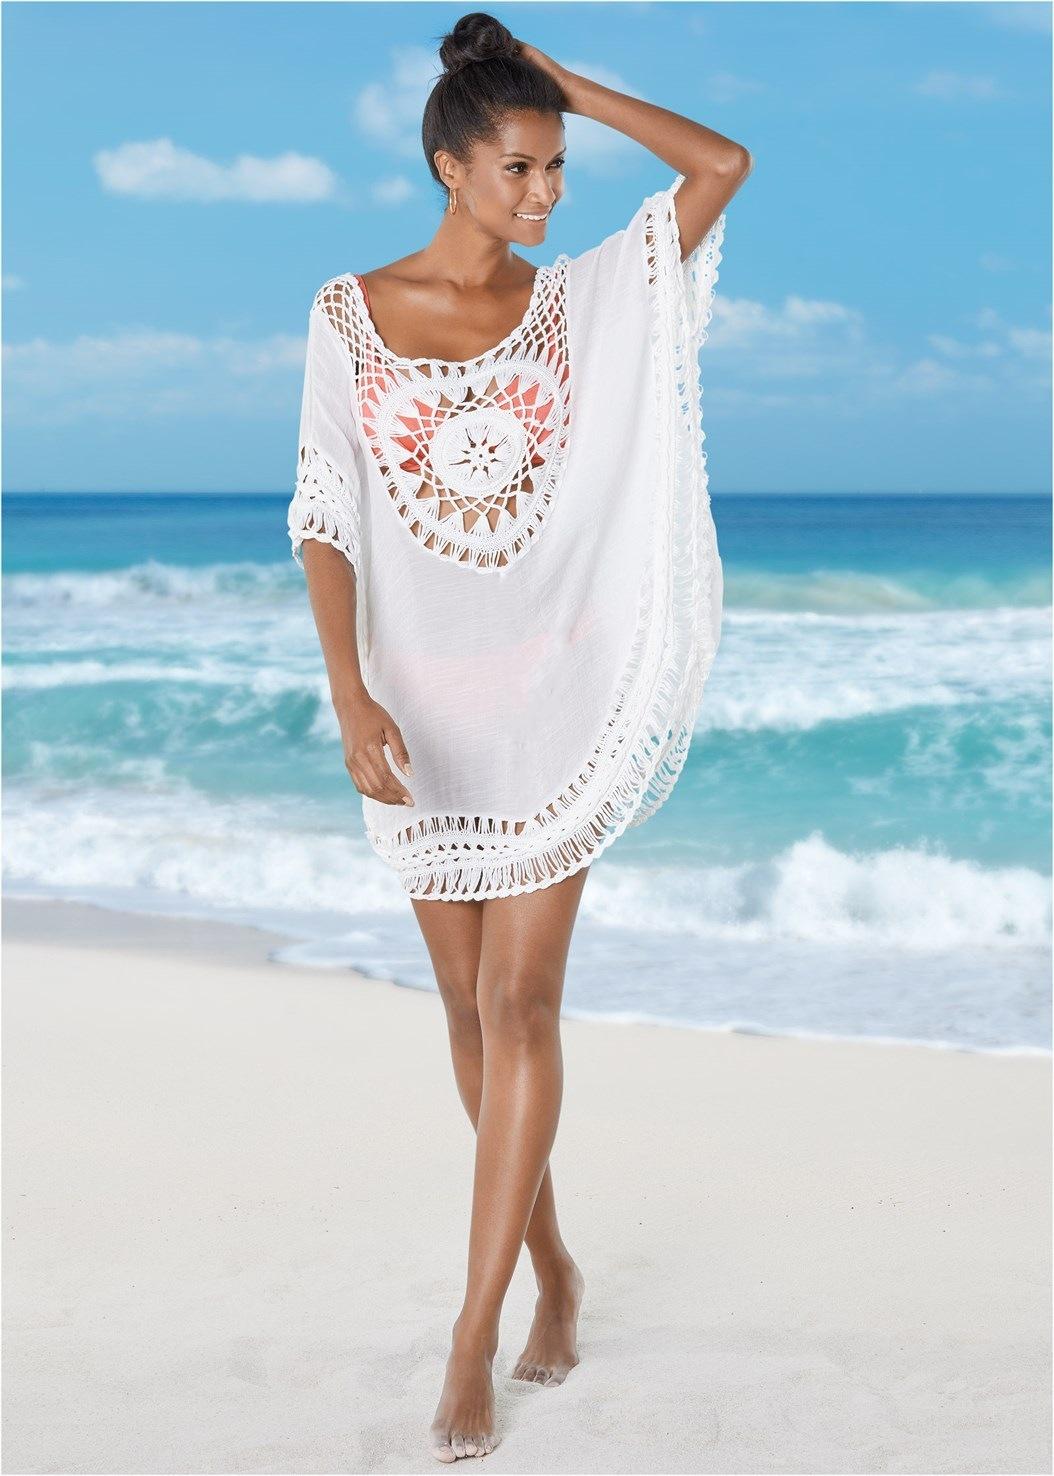 4184c592c1f5 Abrigos Saida De Playa Larga salidas túnicas Mujer bañista De baño cubrir  hasta el 2019 nuevos ganchos más camiseta De ropa traje de baño